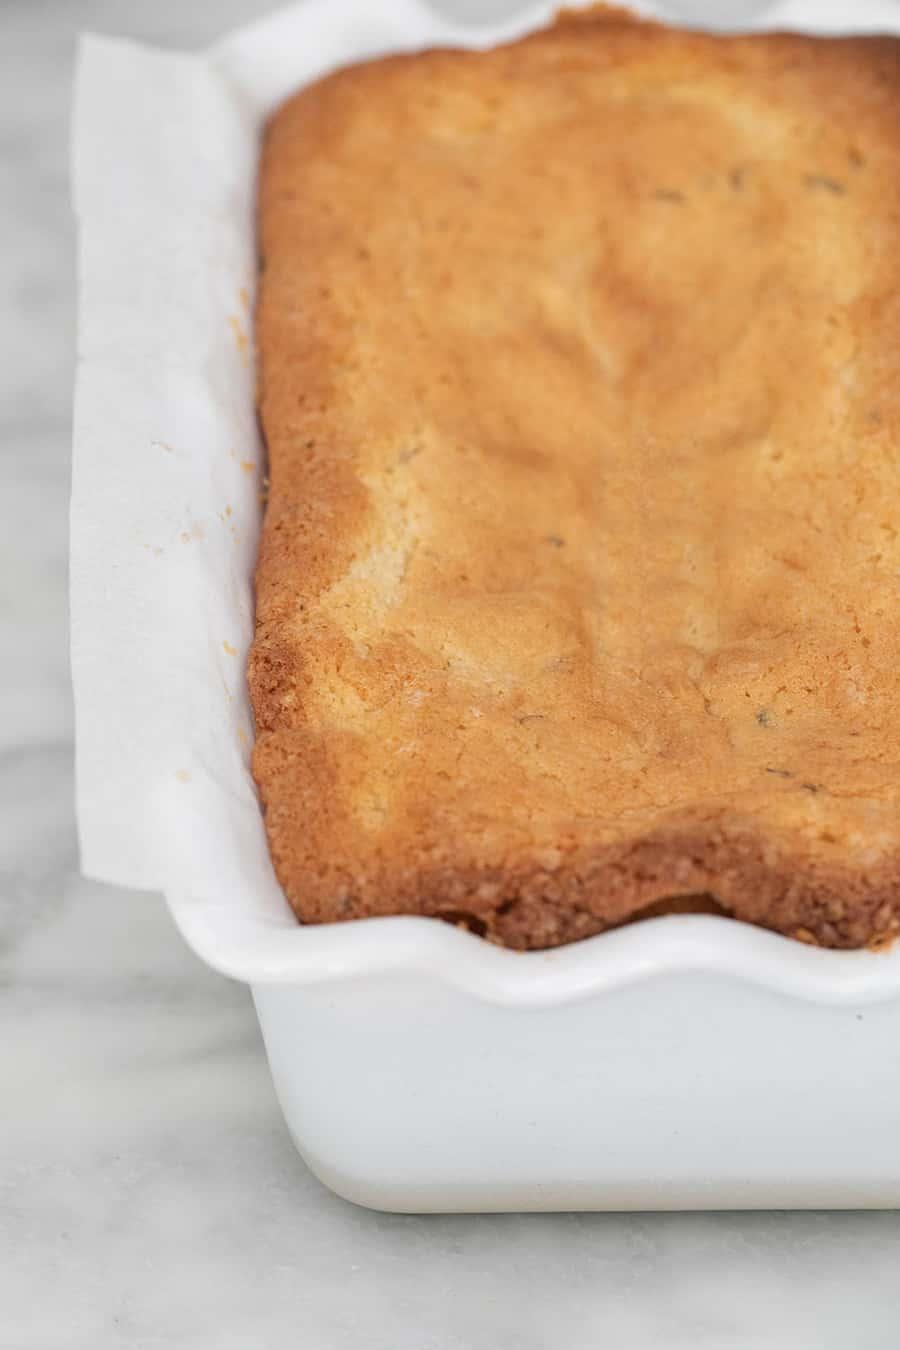 Golden brown bakes loaf cake